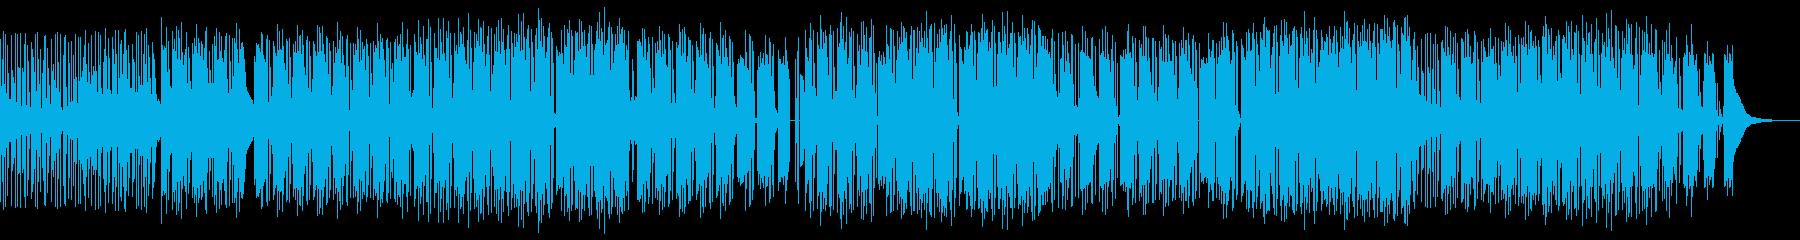 トラップ ヒップホップ エーテル ...の再生済みの波形